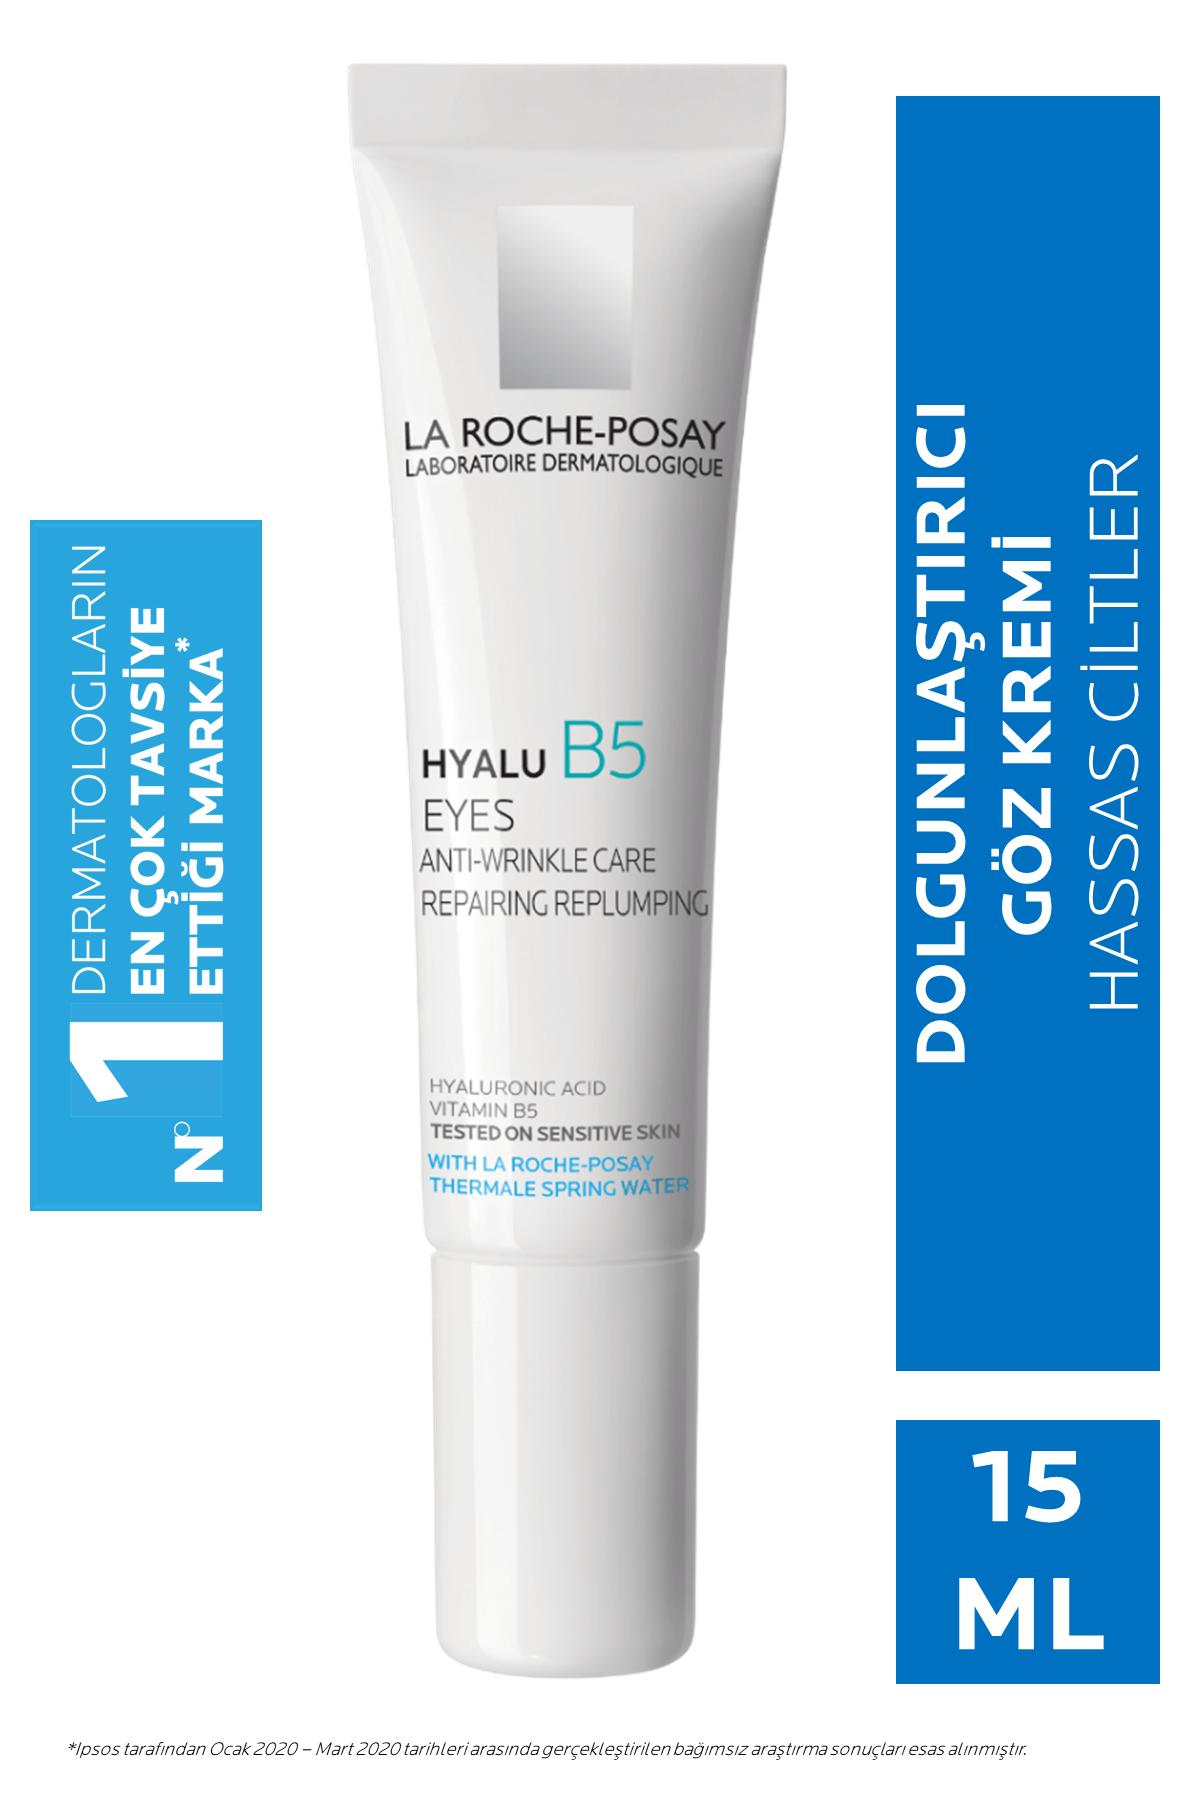 La Roche Posay Hyalu B5 Yeux Dolgunlaştırıcı Göz Kremi Hyalüronik Asit ve Vitamin B5 ile 15 ml 3337875613668